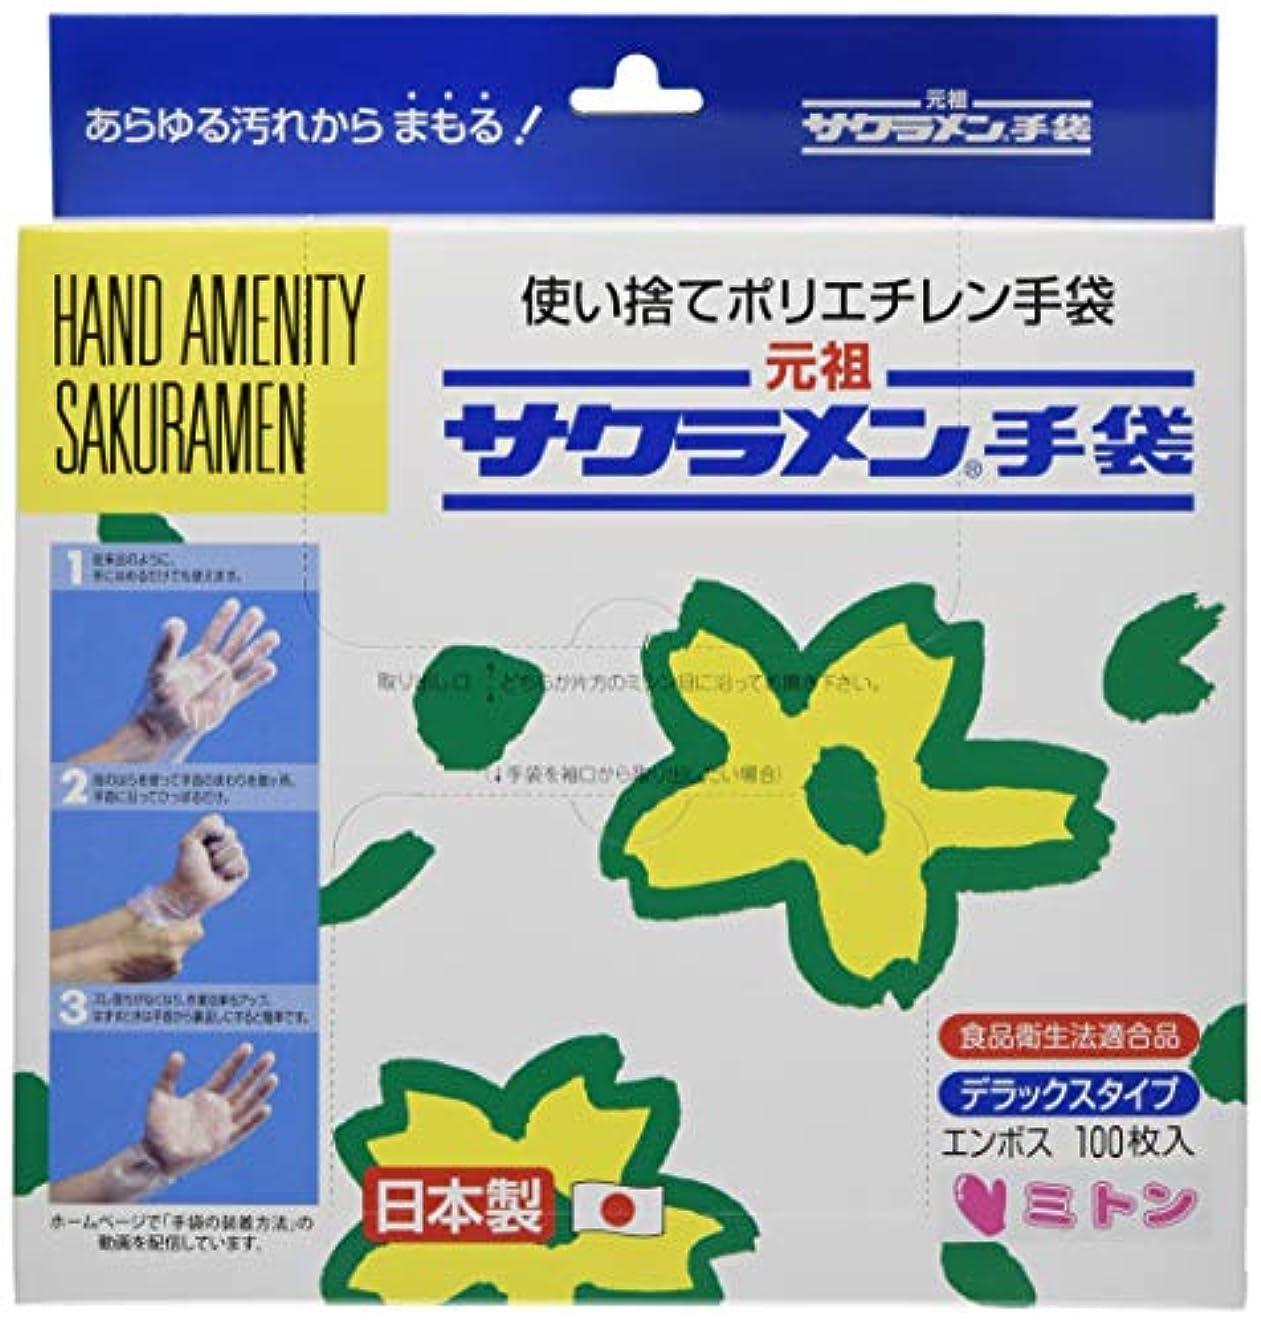 排他的批判的に脚本サクラメン ミトンタイプ手袋(100枚入)35μ